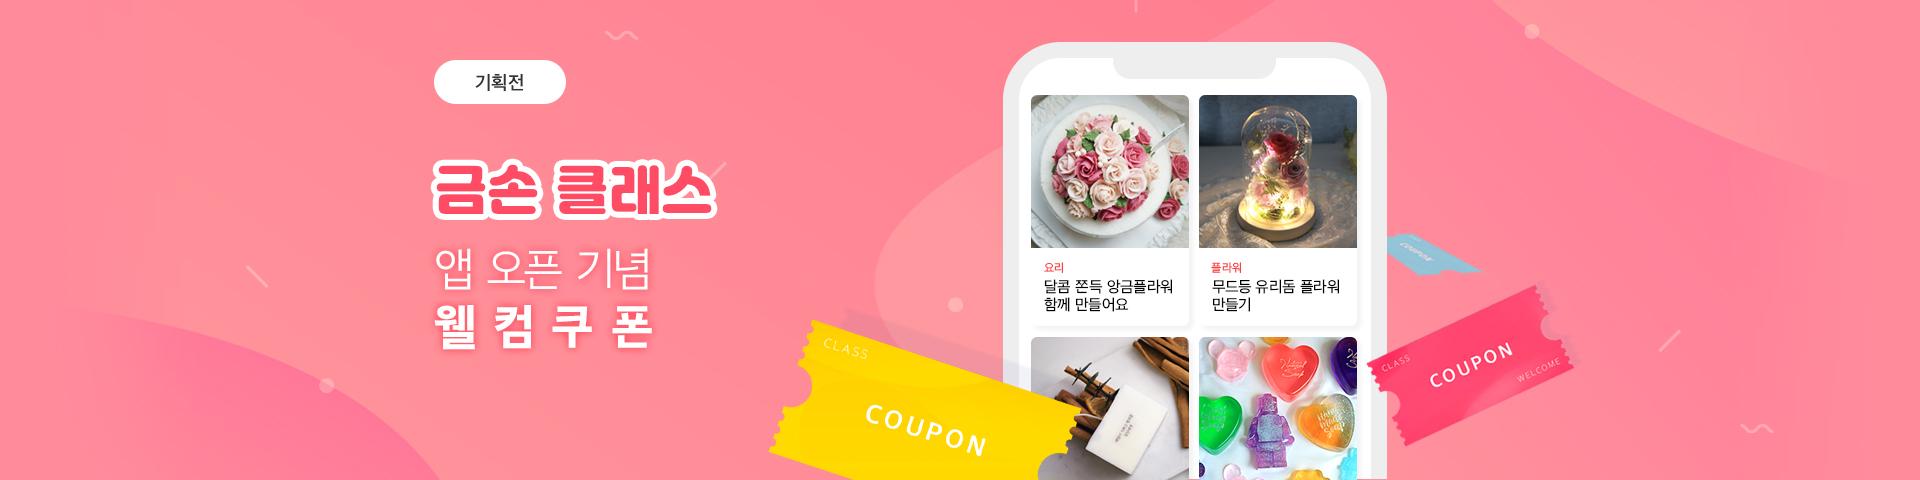 금손클래스 앱 오픈 기념 쿠폰 이벤트!